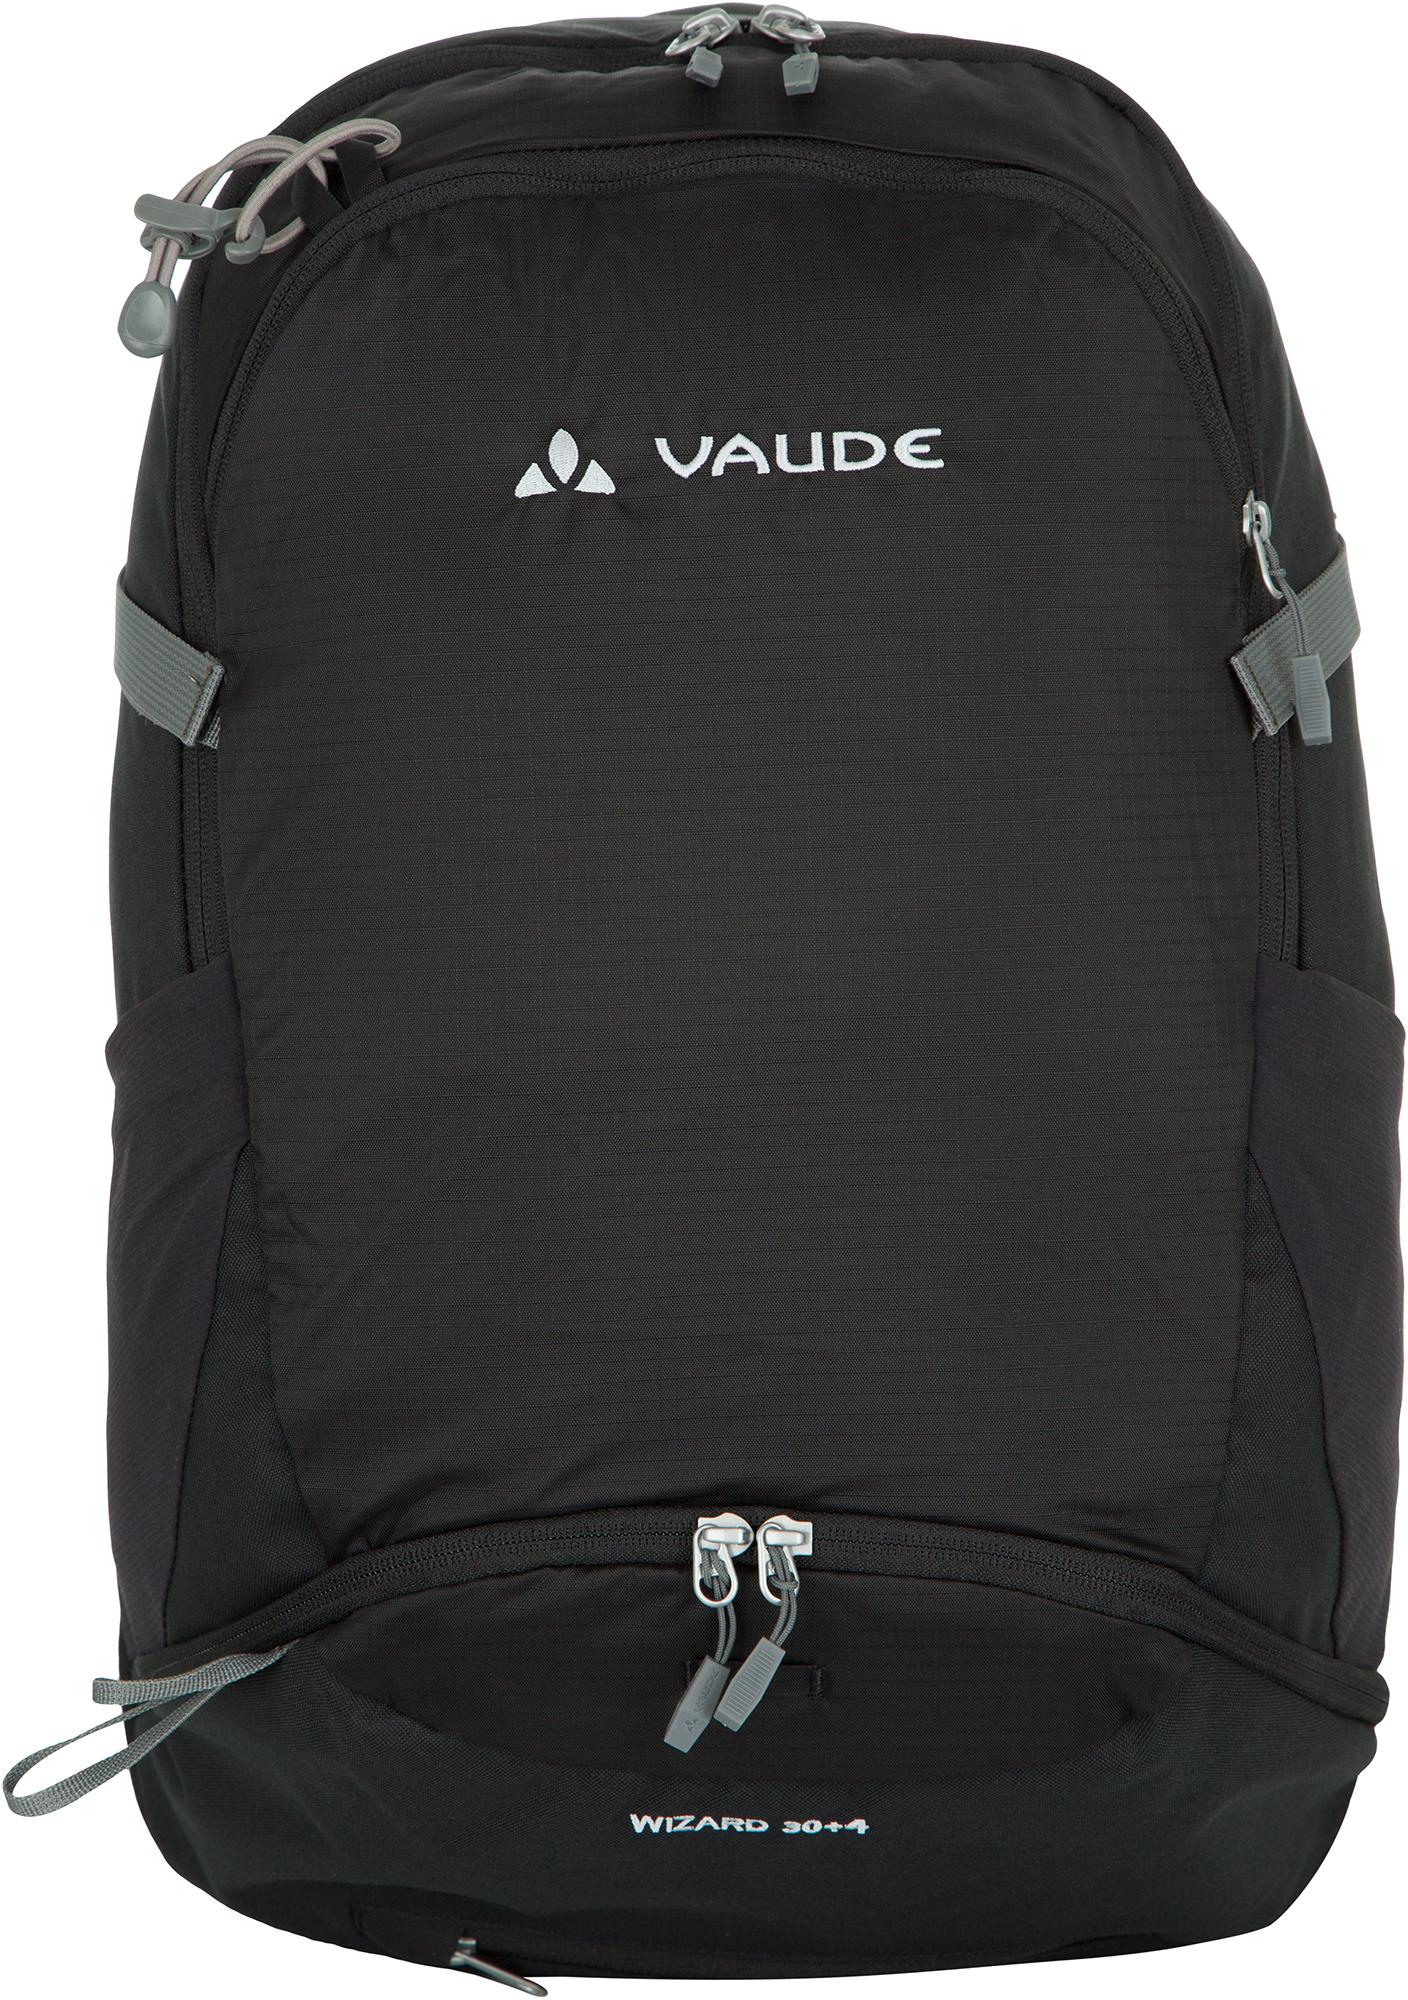 Vaude VauDe Wizard 24+4